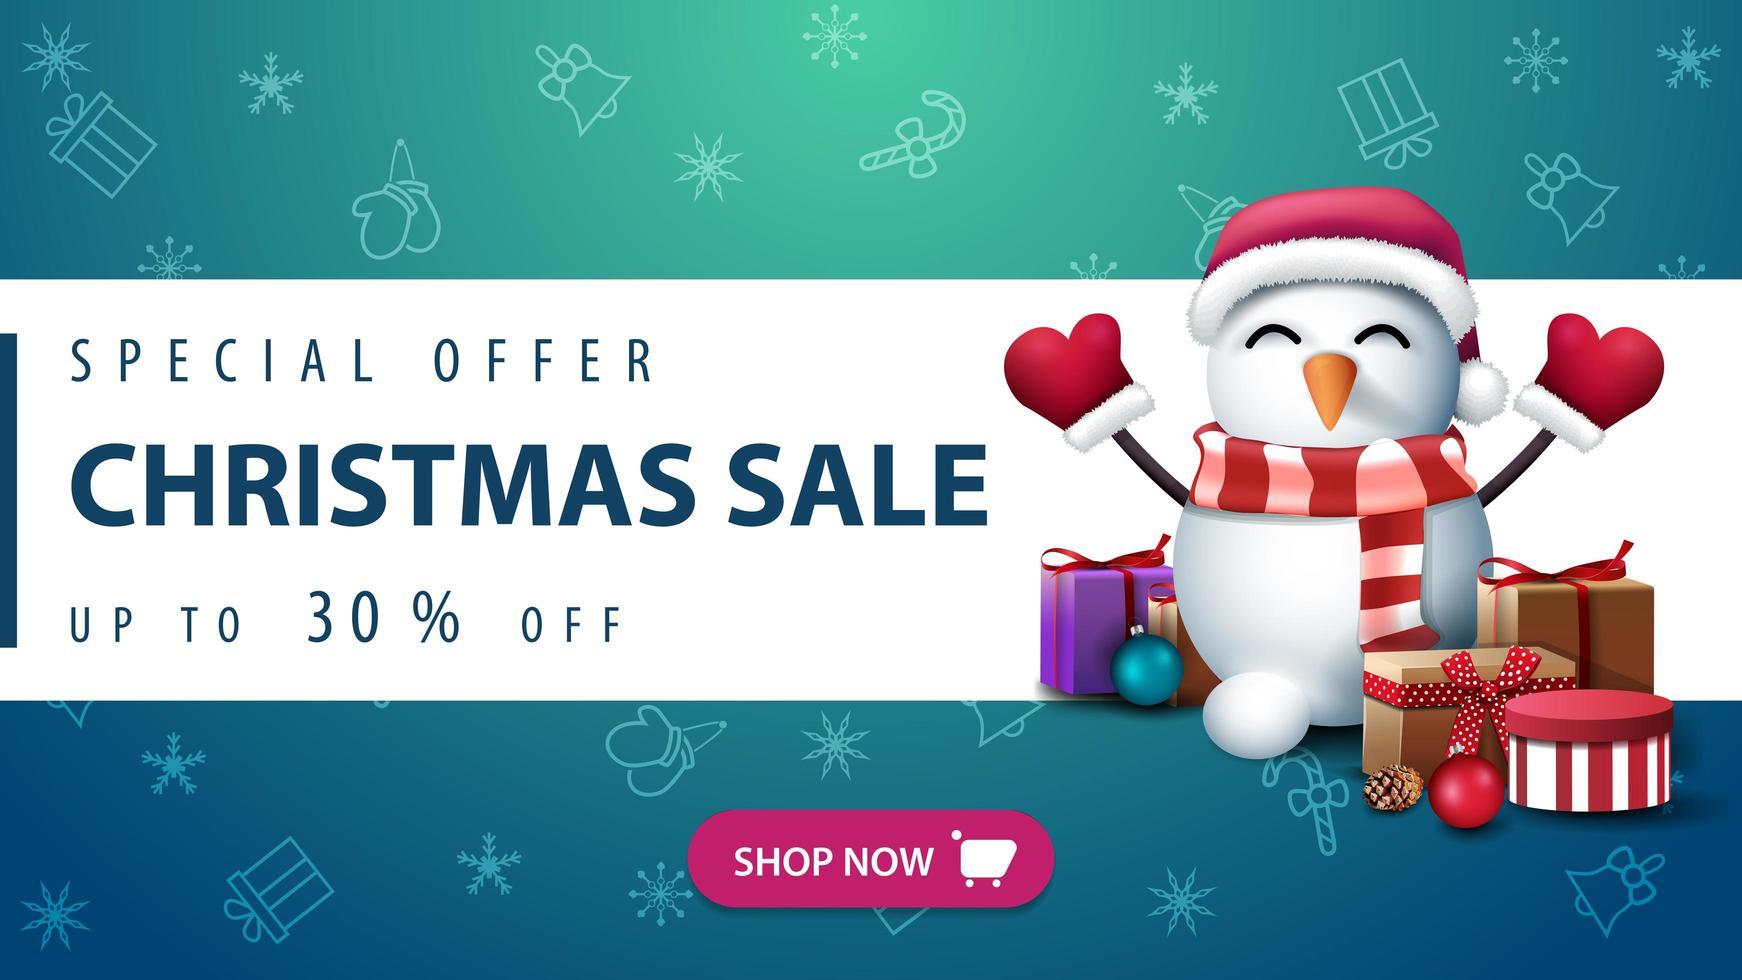 banner com padrão de natal e boneco de neve vetor